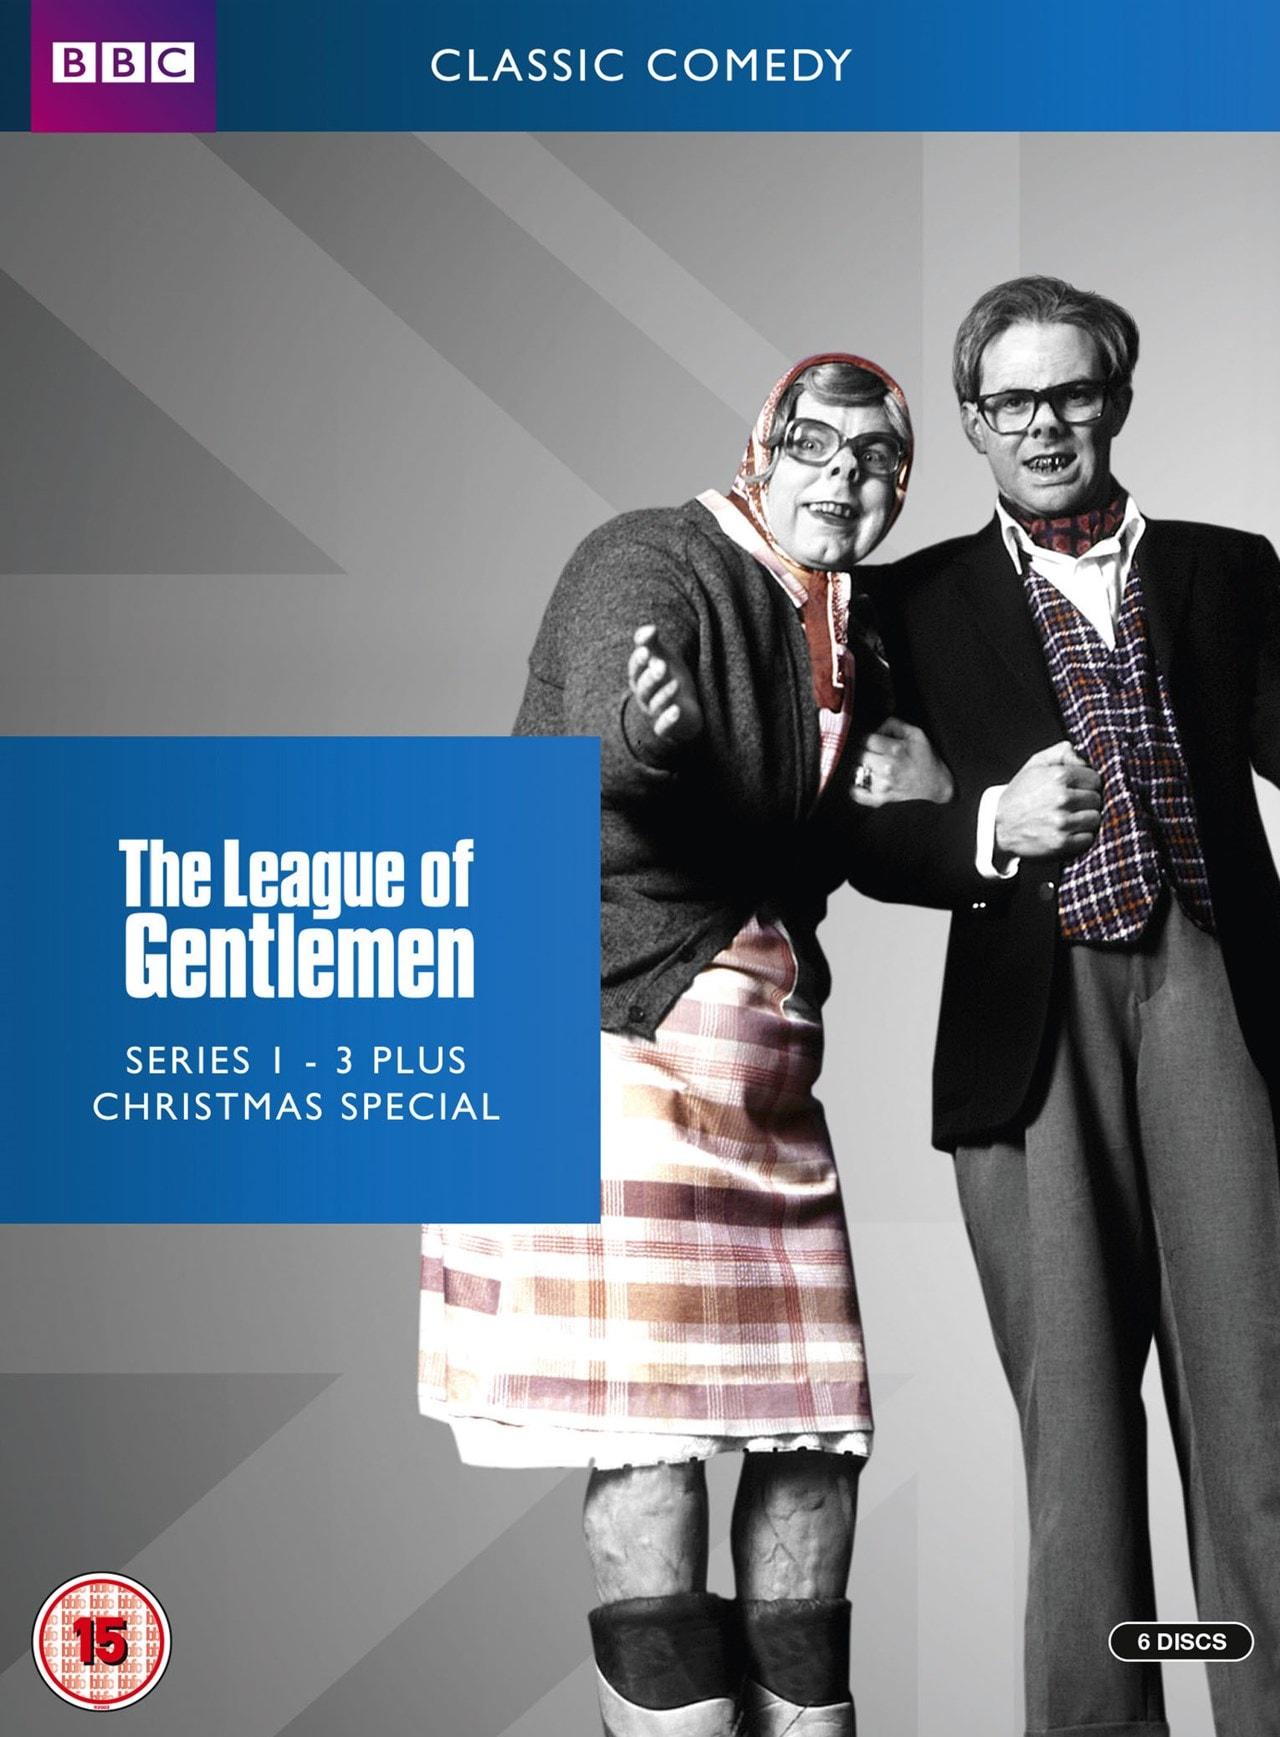 The League of Gentlemen: Series 1-3 (hmv Exclusive) - 1